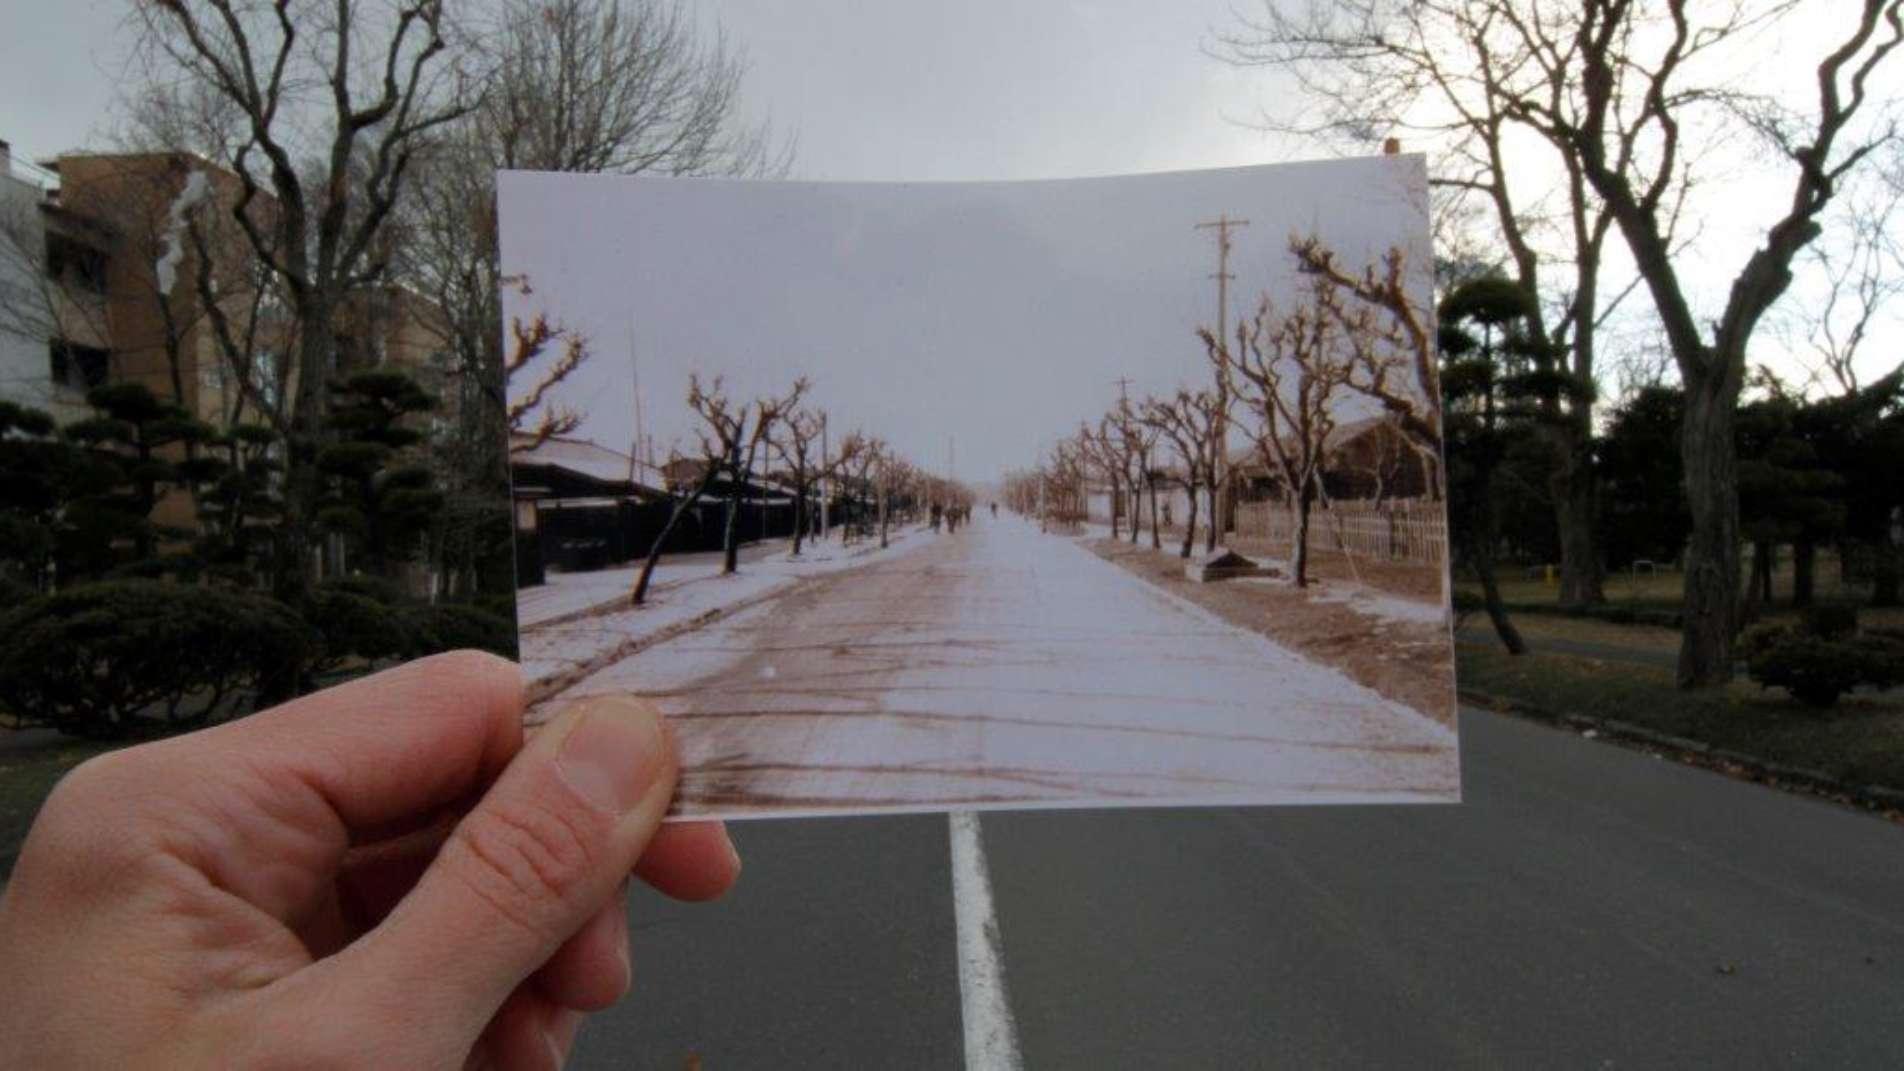 Im Hintergrund eine Straße mit Landschaft an beiden Seiten, die von einem hochgehaltenen Foto von der selben Straße im Vordergrund verdeckt wird